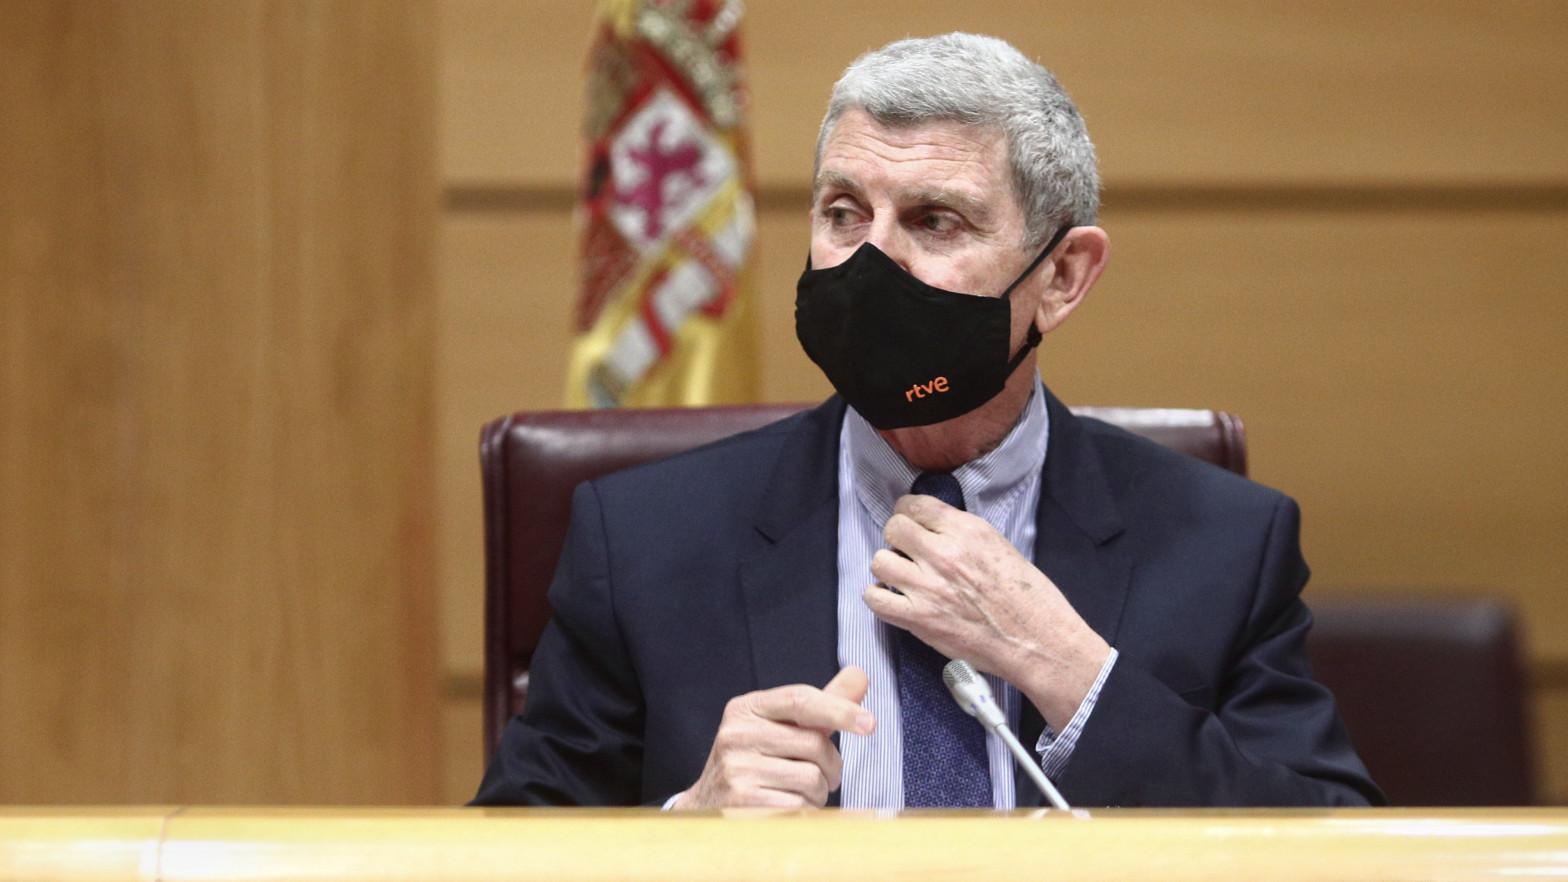 El presidente de la Corporación RTVE, José Manuel Pérez Tornero